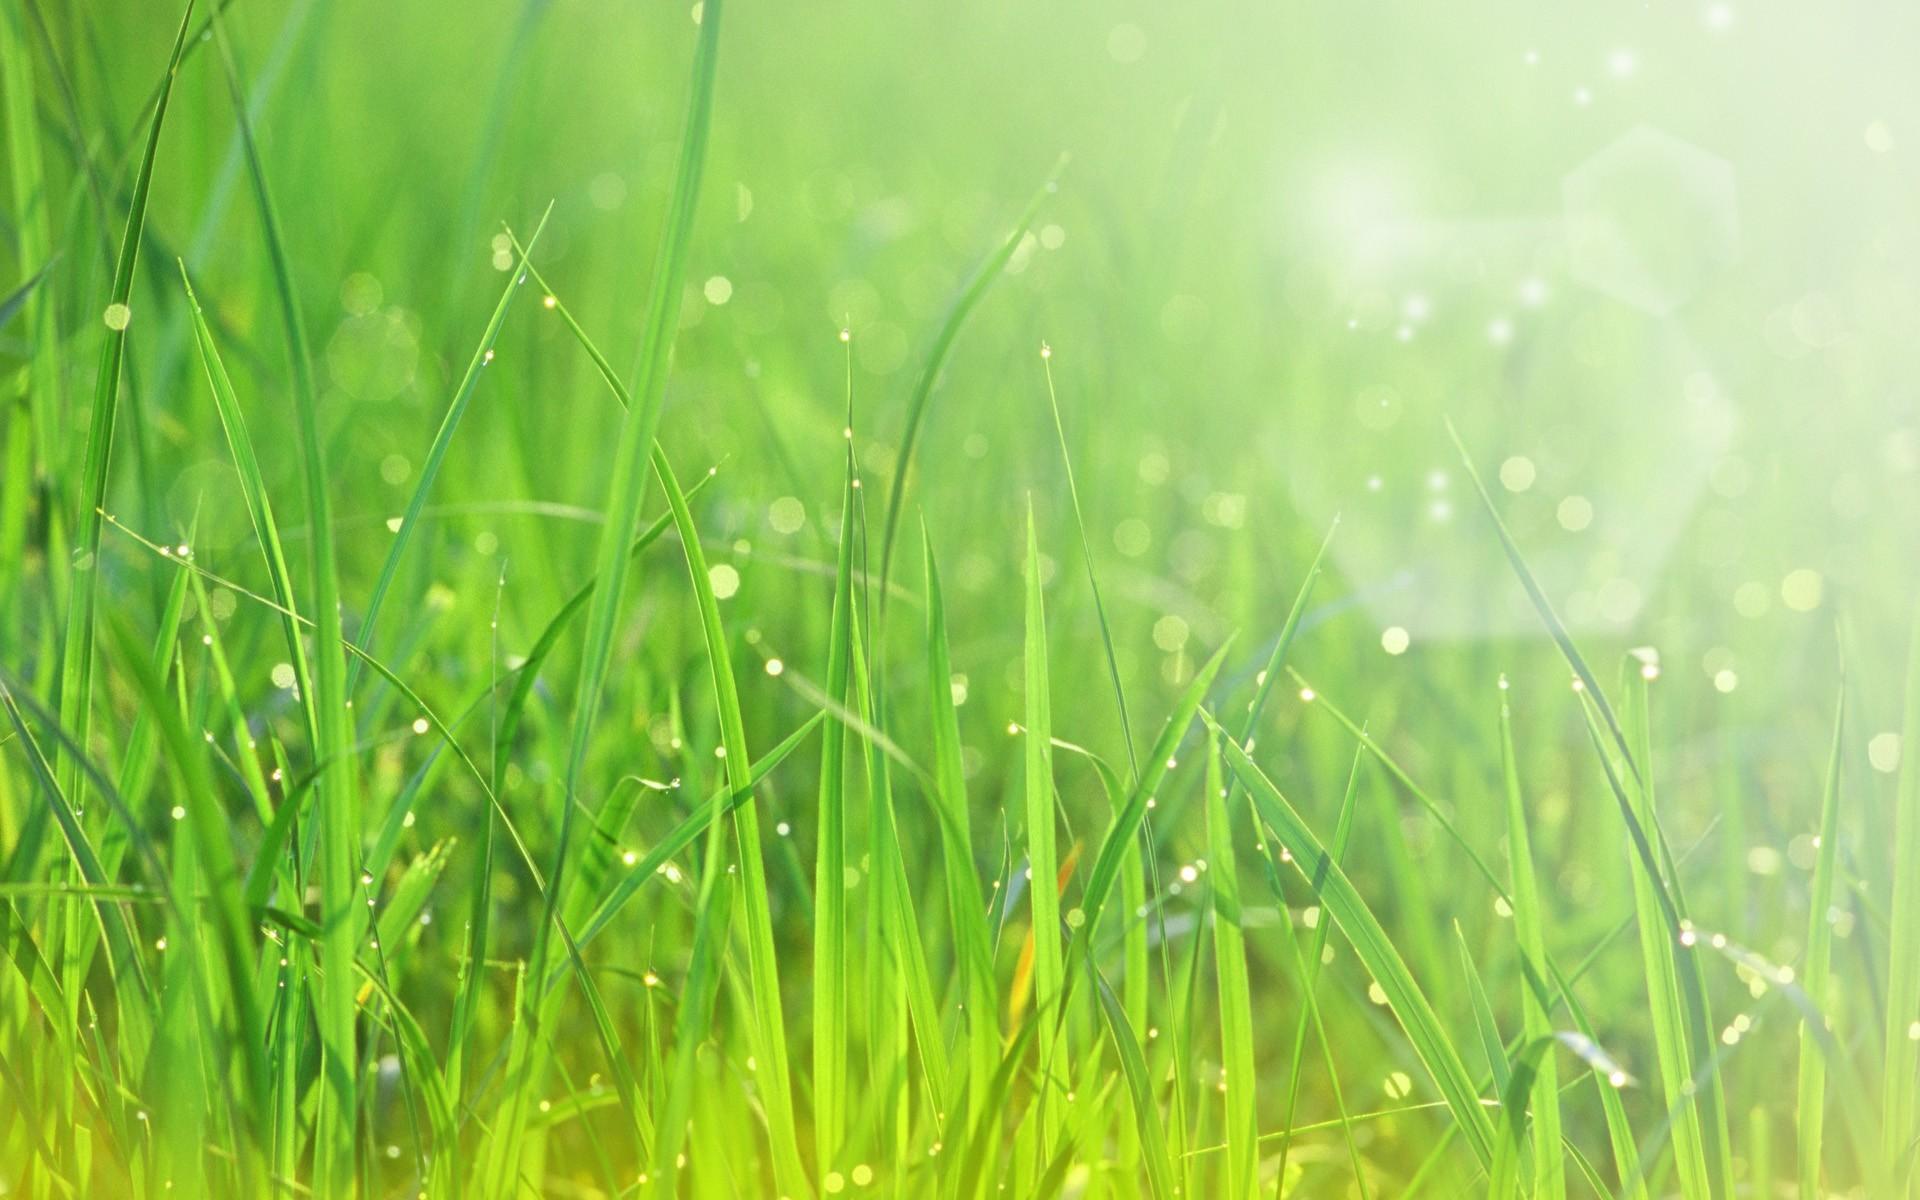 Awesome Grass Bokeh 33921